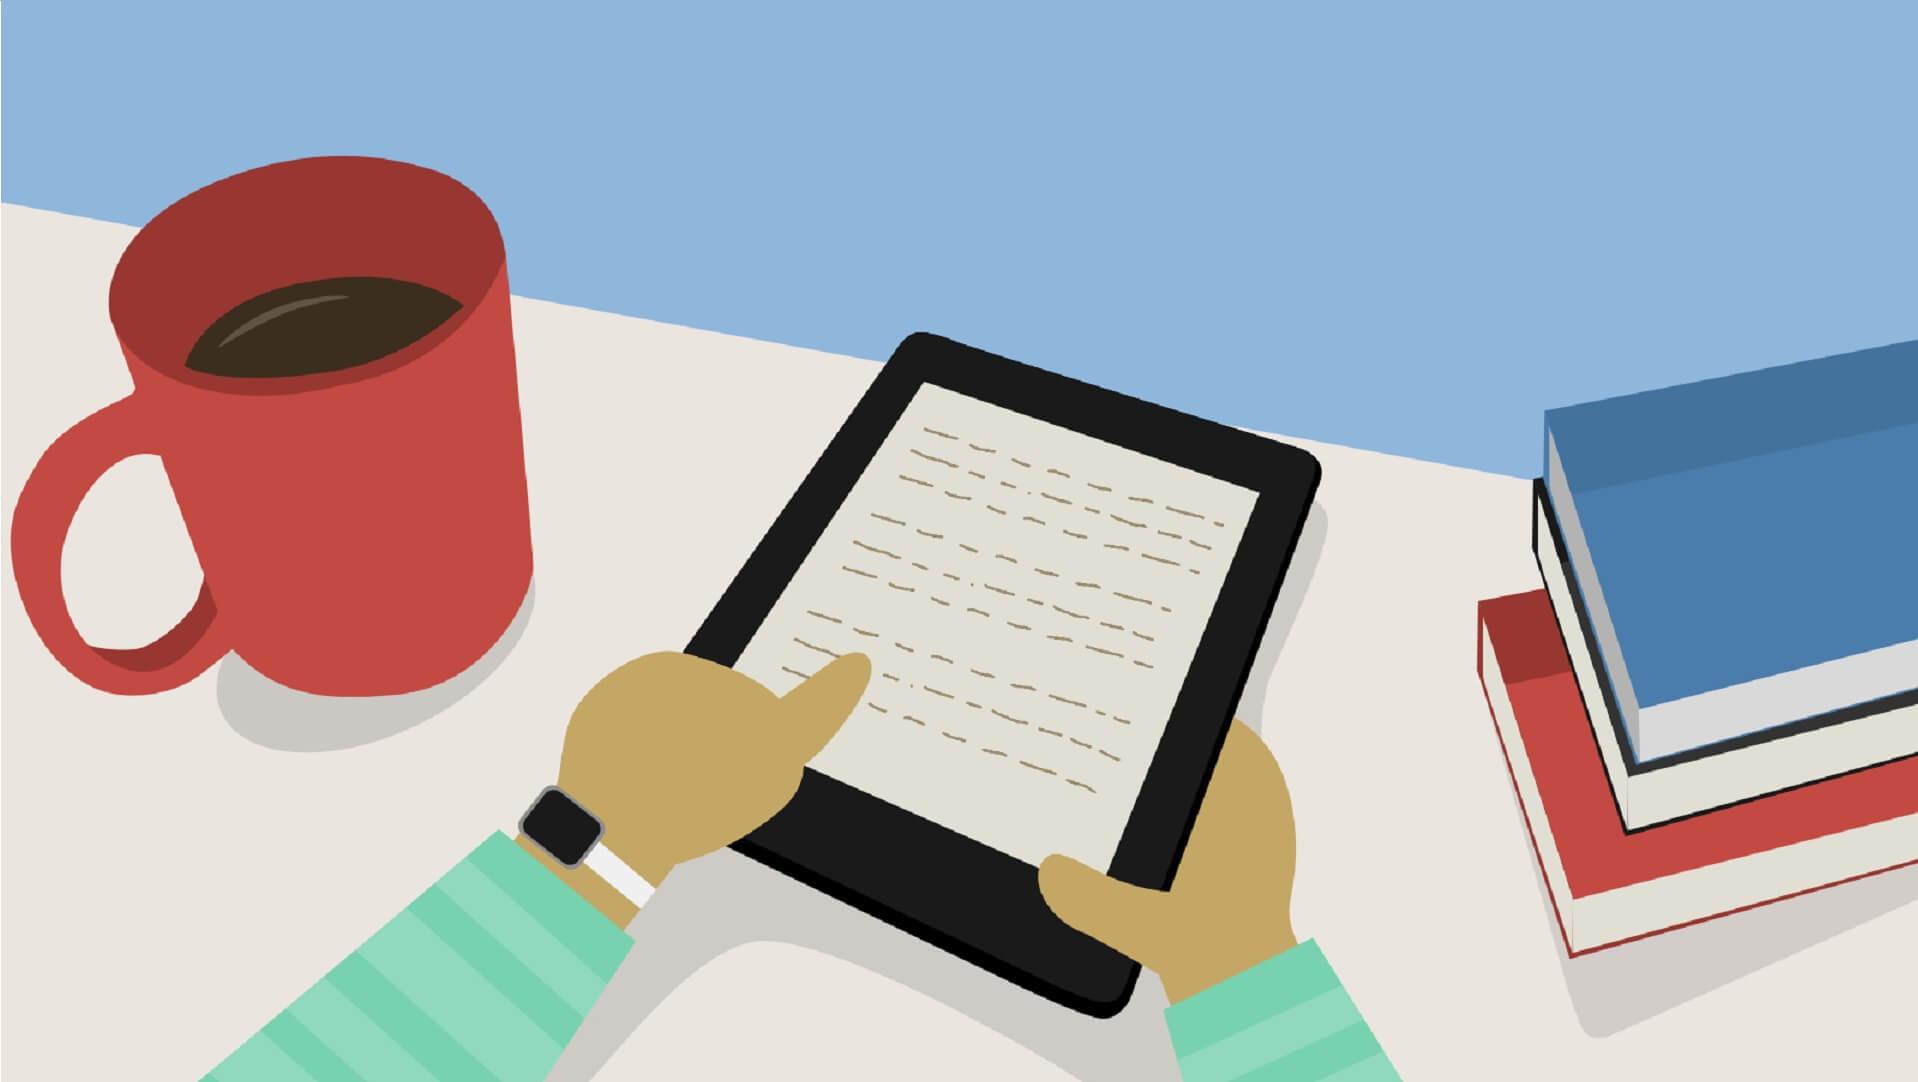 【今すぐ実践できる】読みやすいブログデザインに仕上げる【3つの方法】